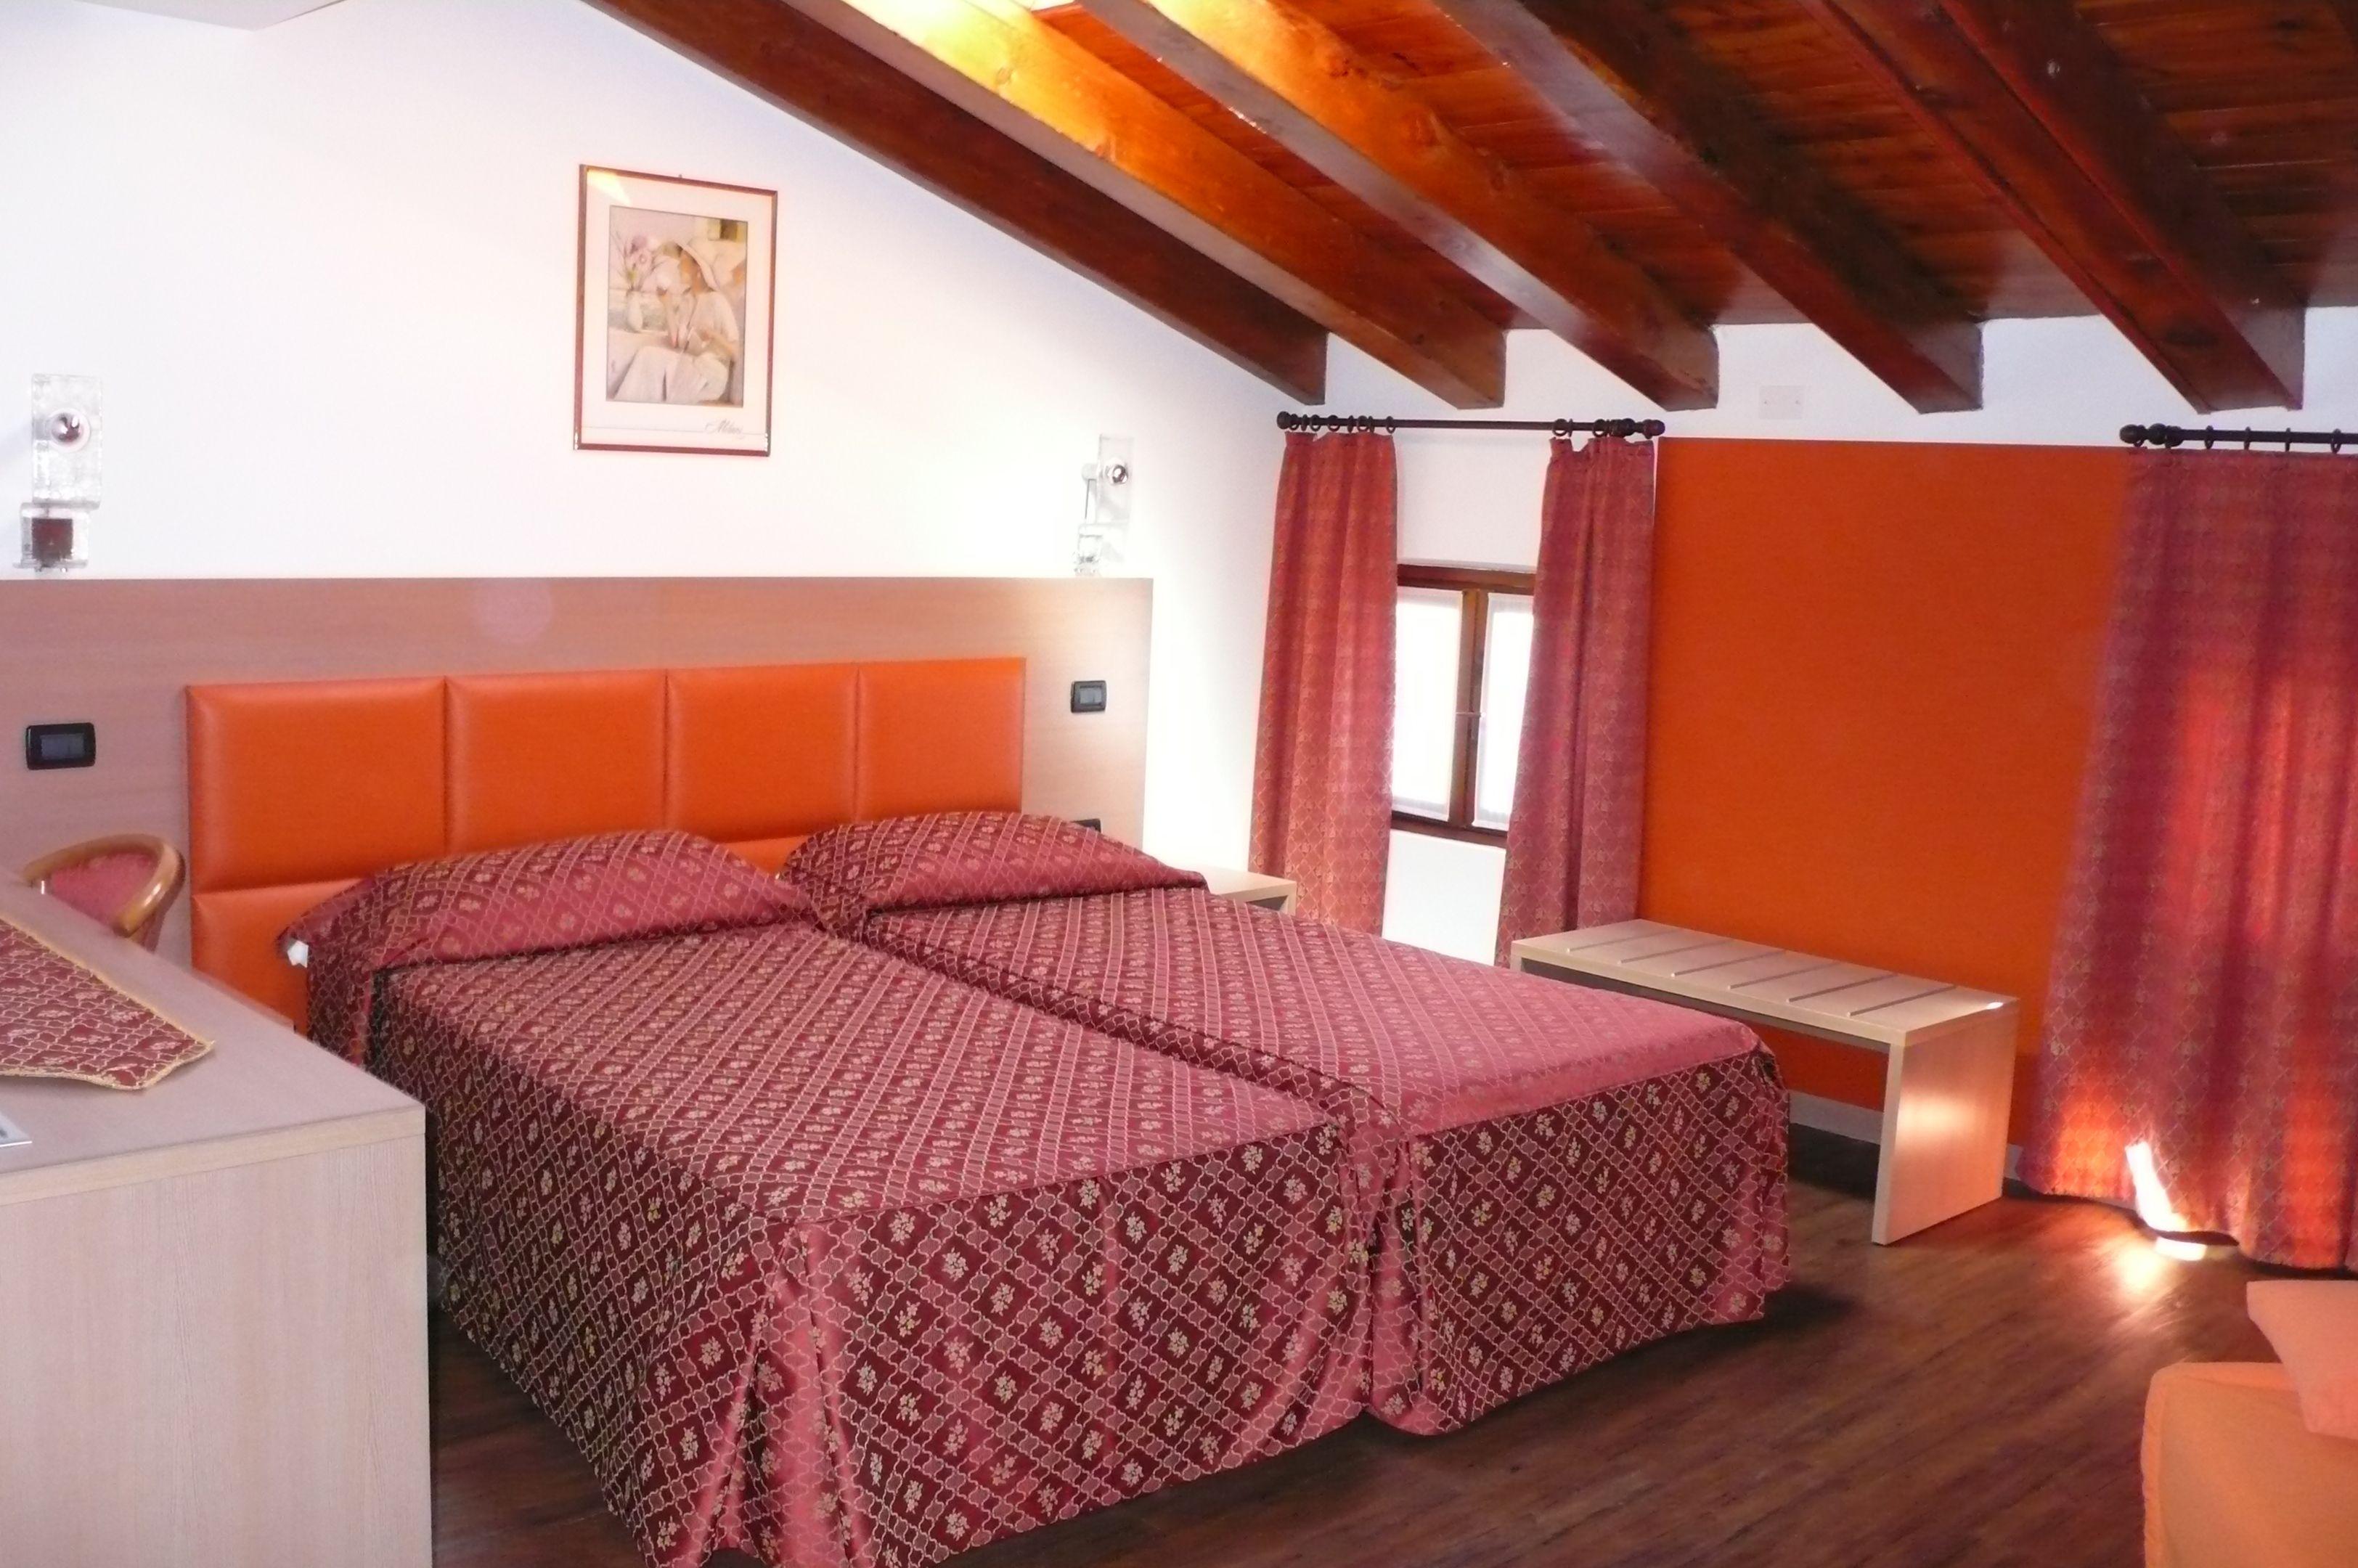 Le nostre camere al secondo piano, mansardate e dai colori caldi.